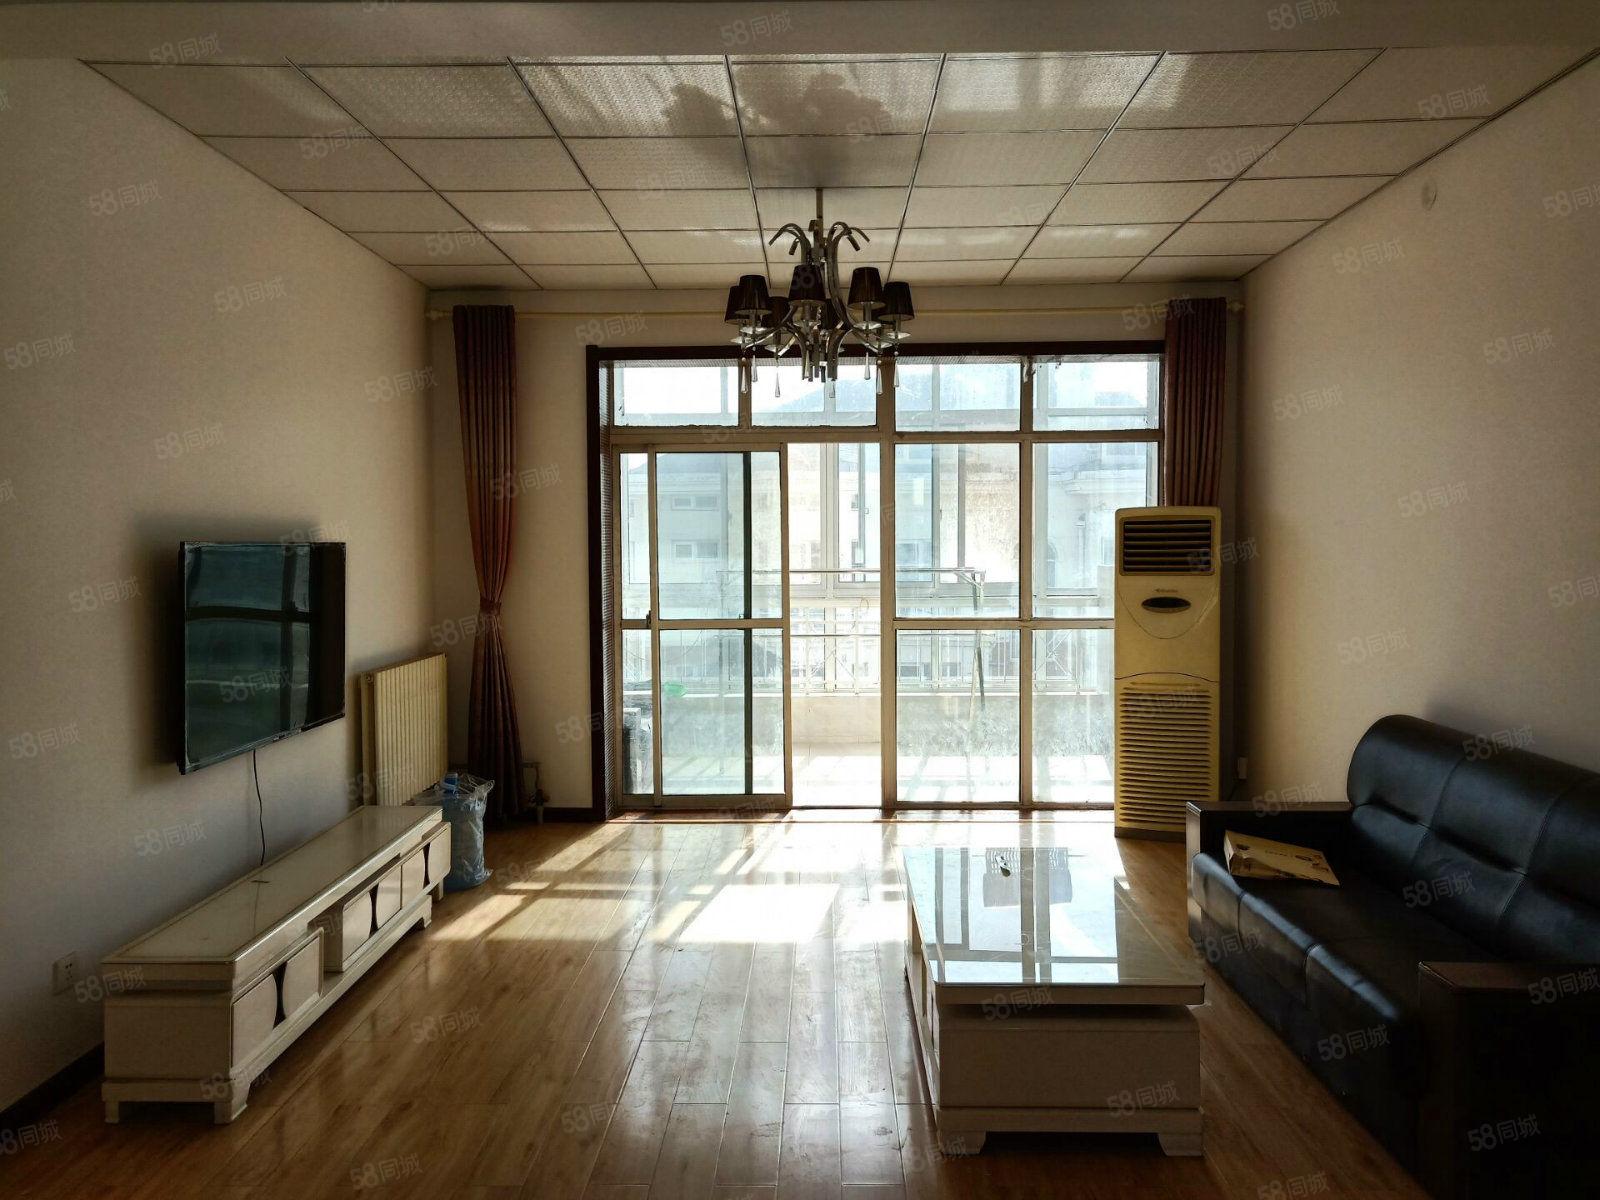 家具家电齐全有钥匙嘉德现代城精装修超大三室有配房